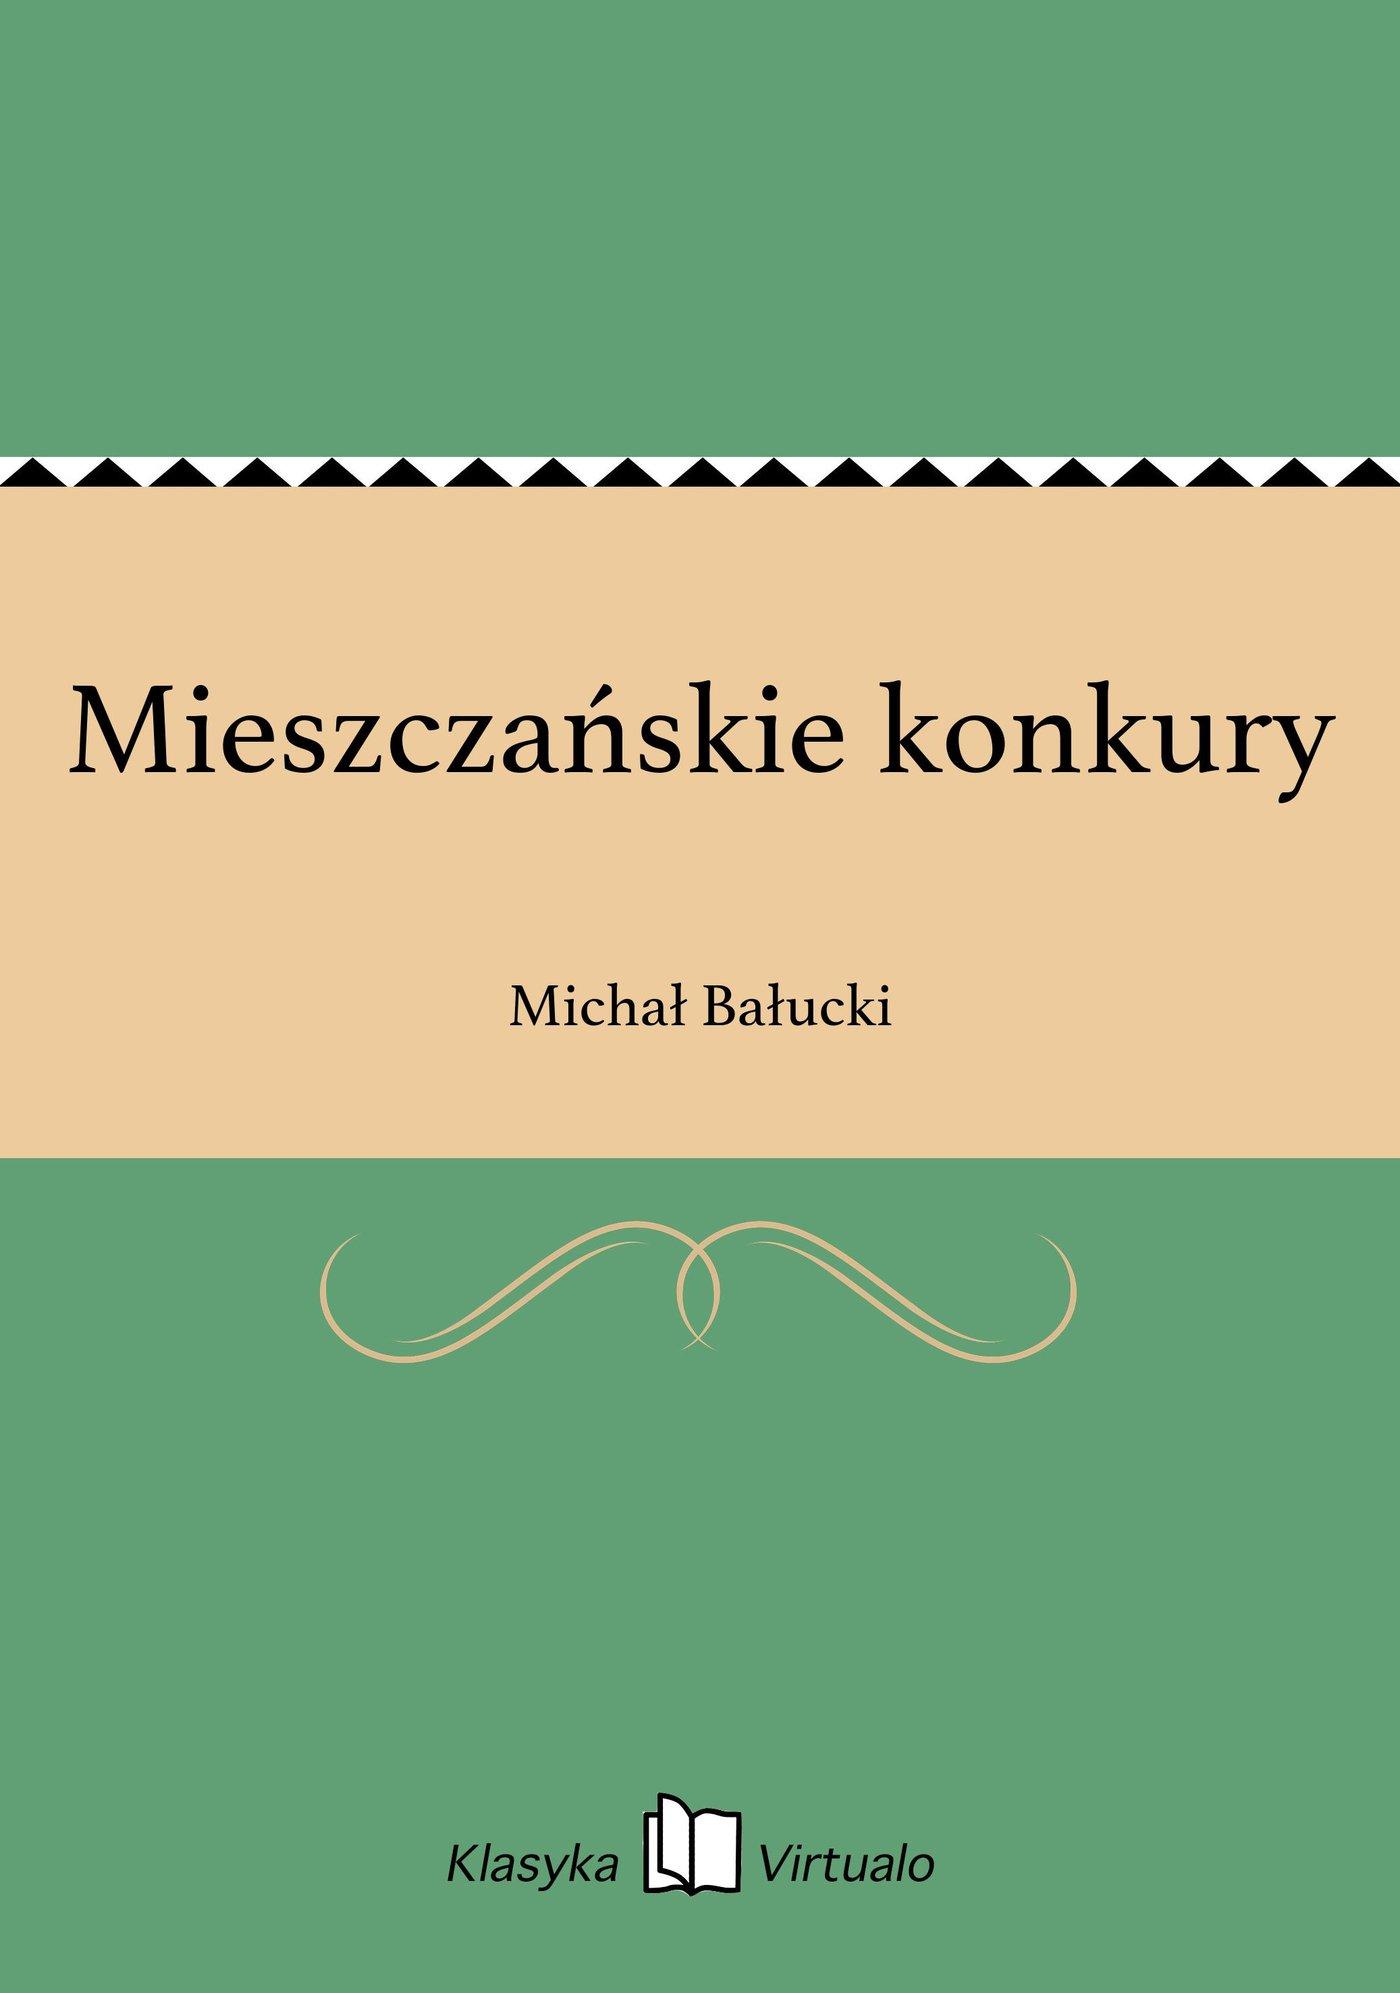 Mieszczańskie konkury - Ebook (Książka na Kindle) do pobrania w formacie MOBI